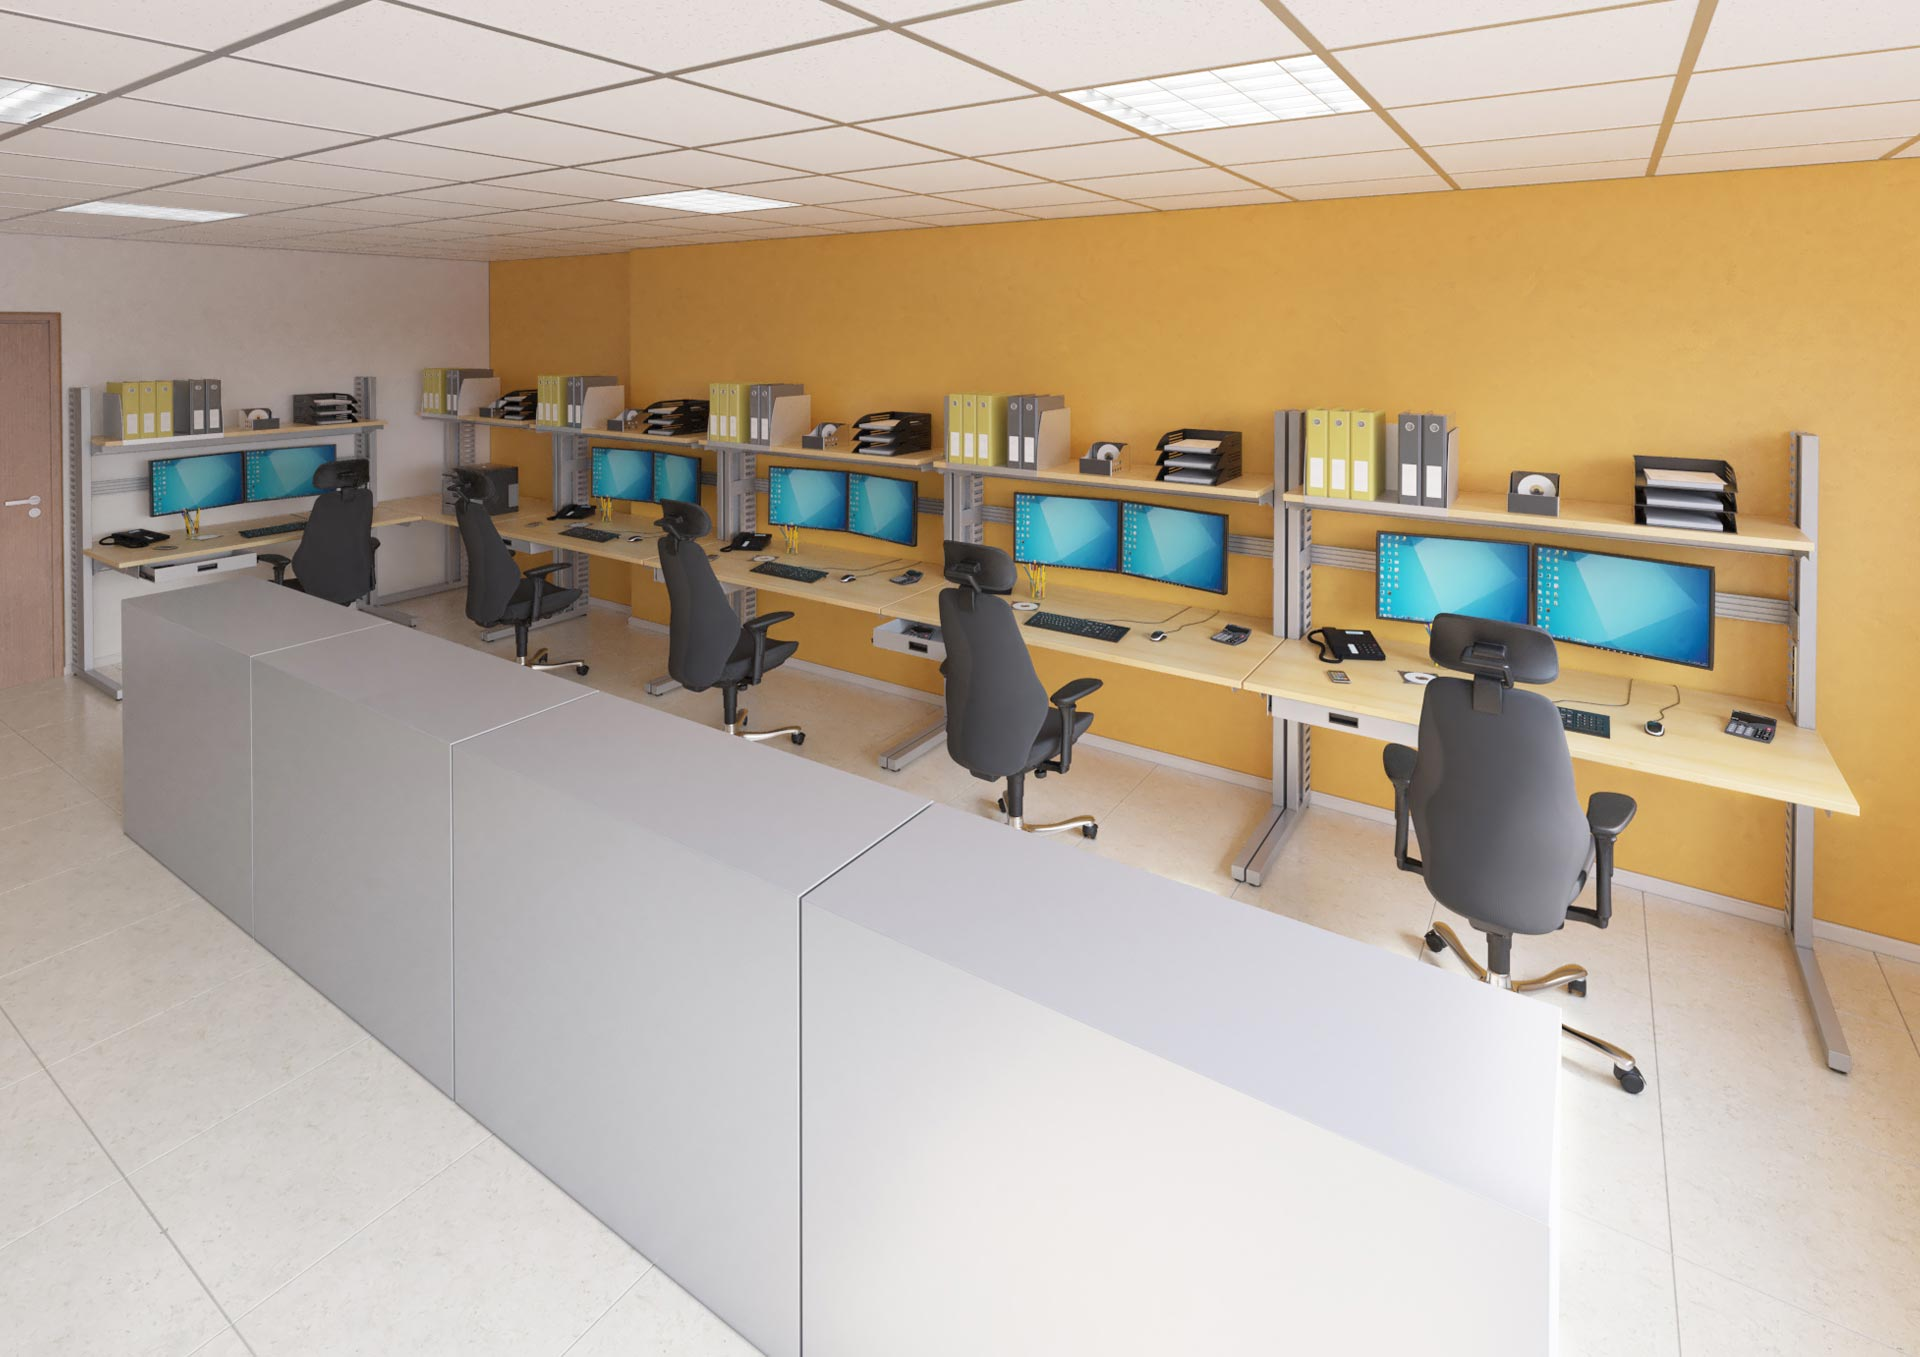 Salle informatique aménagée avec du mobilier technique